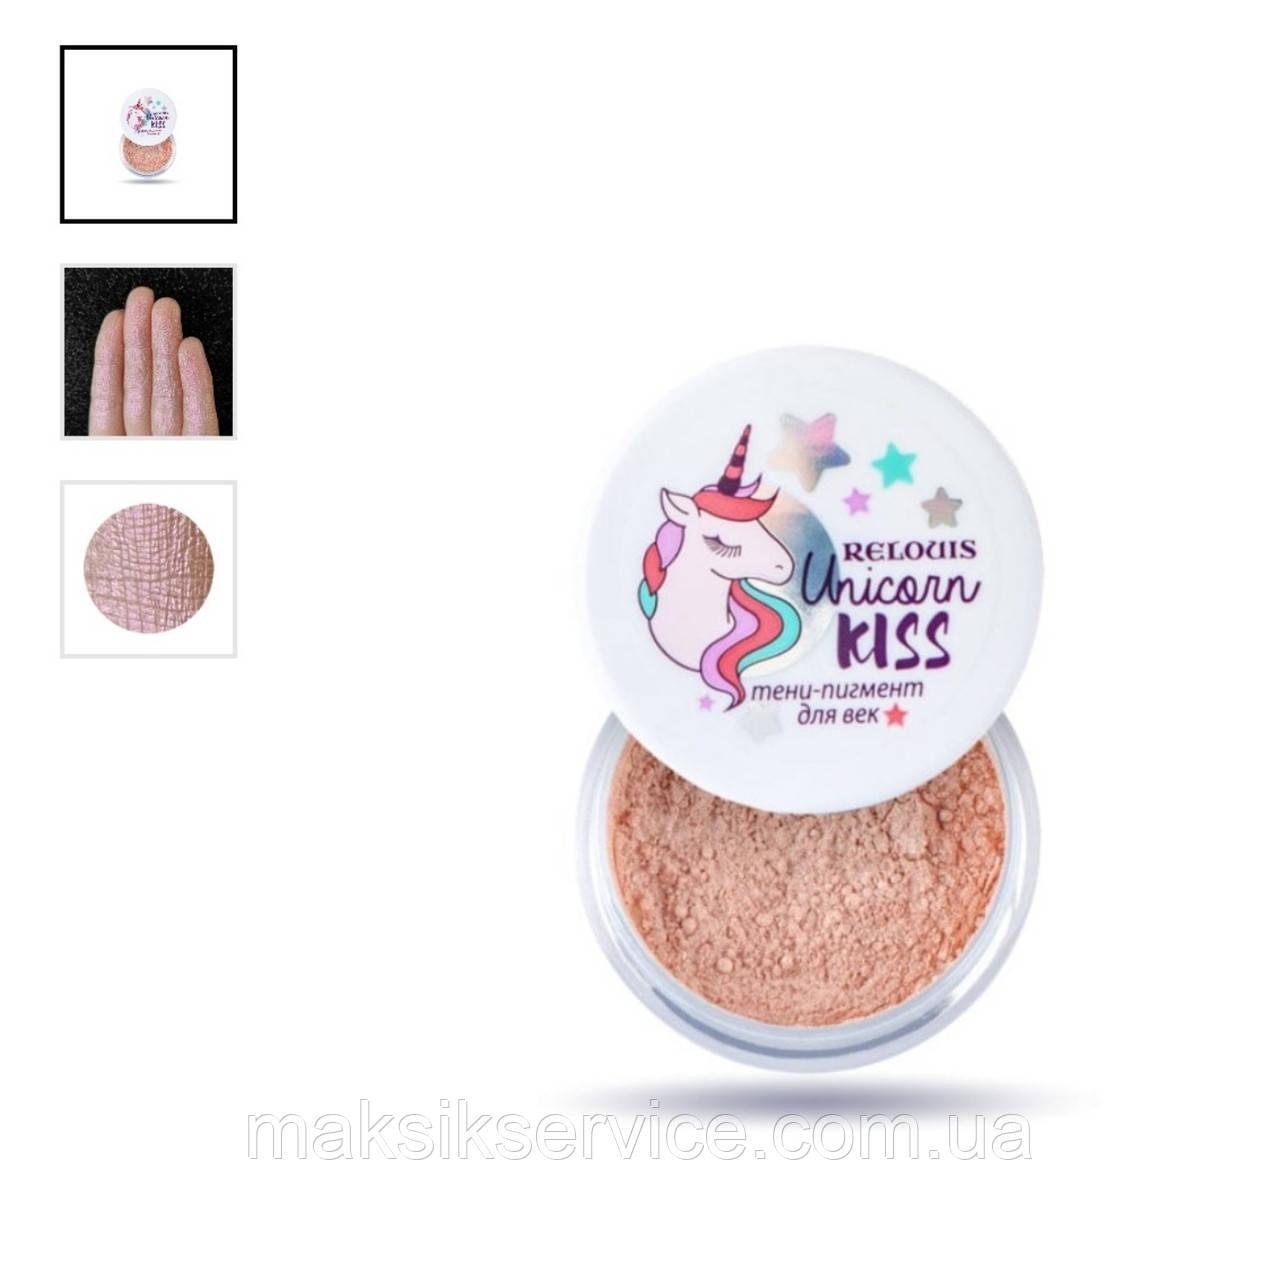 Тени-пигмент для век Relouis Unicorn Kiss Pastel